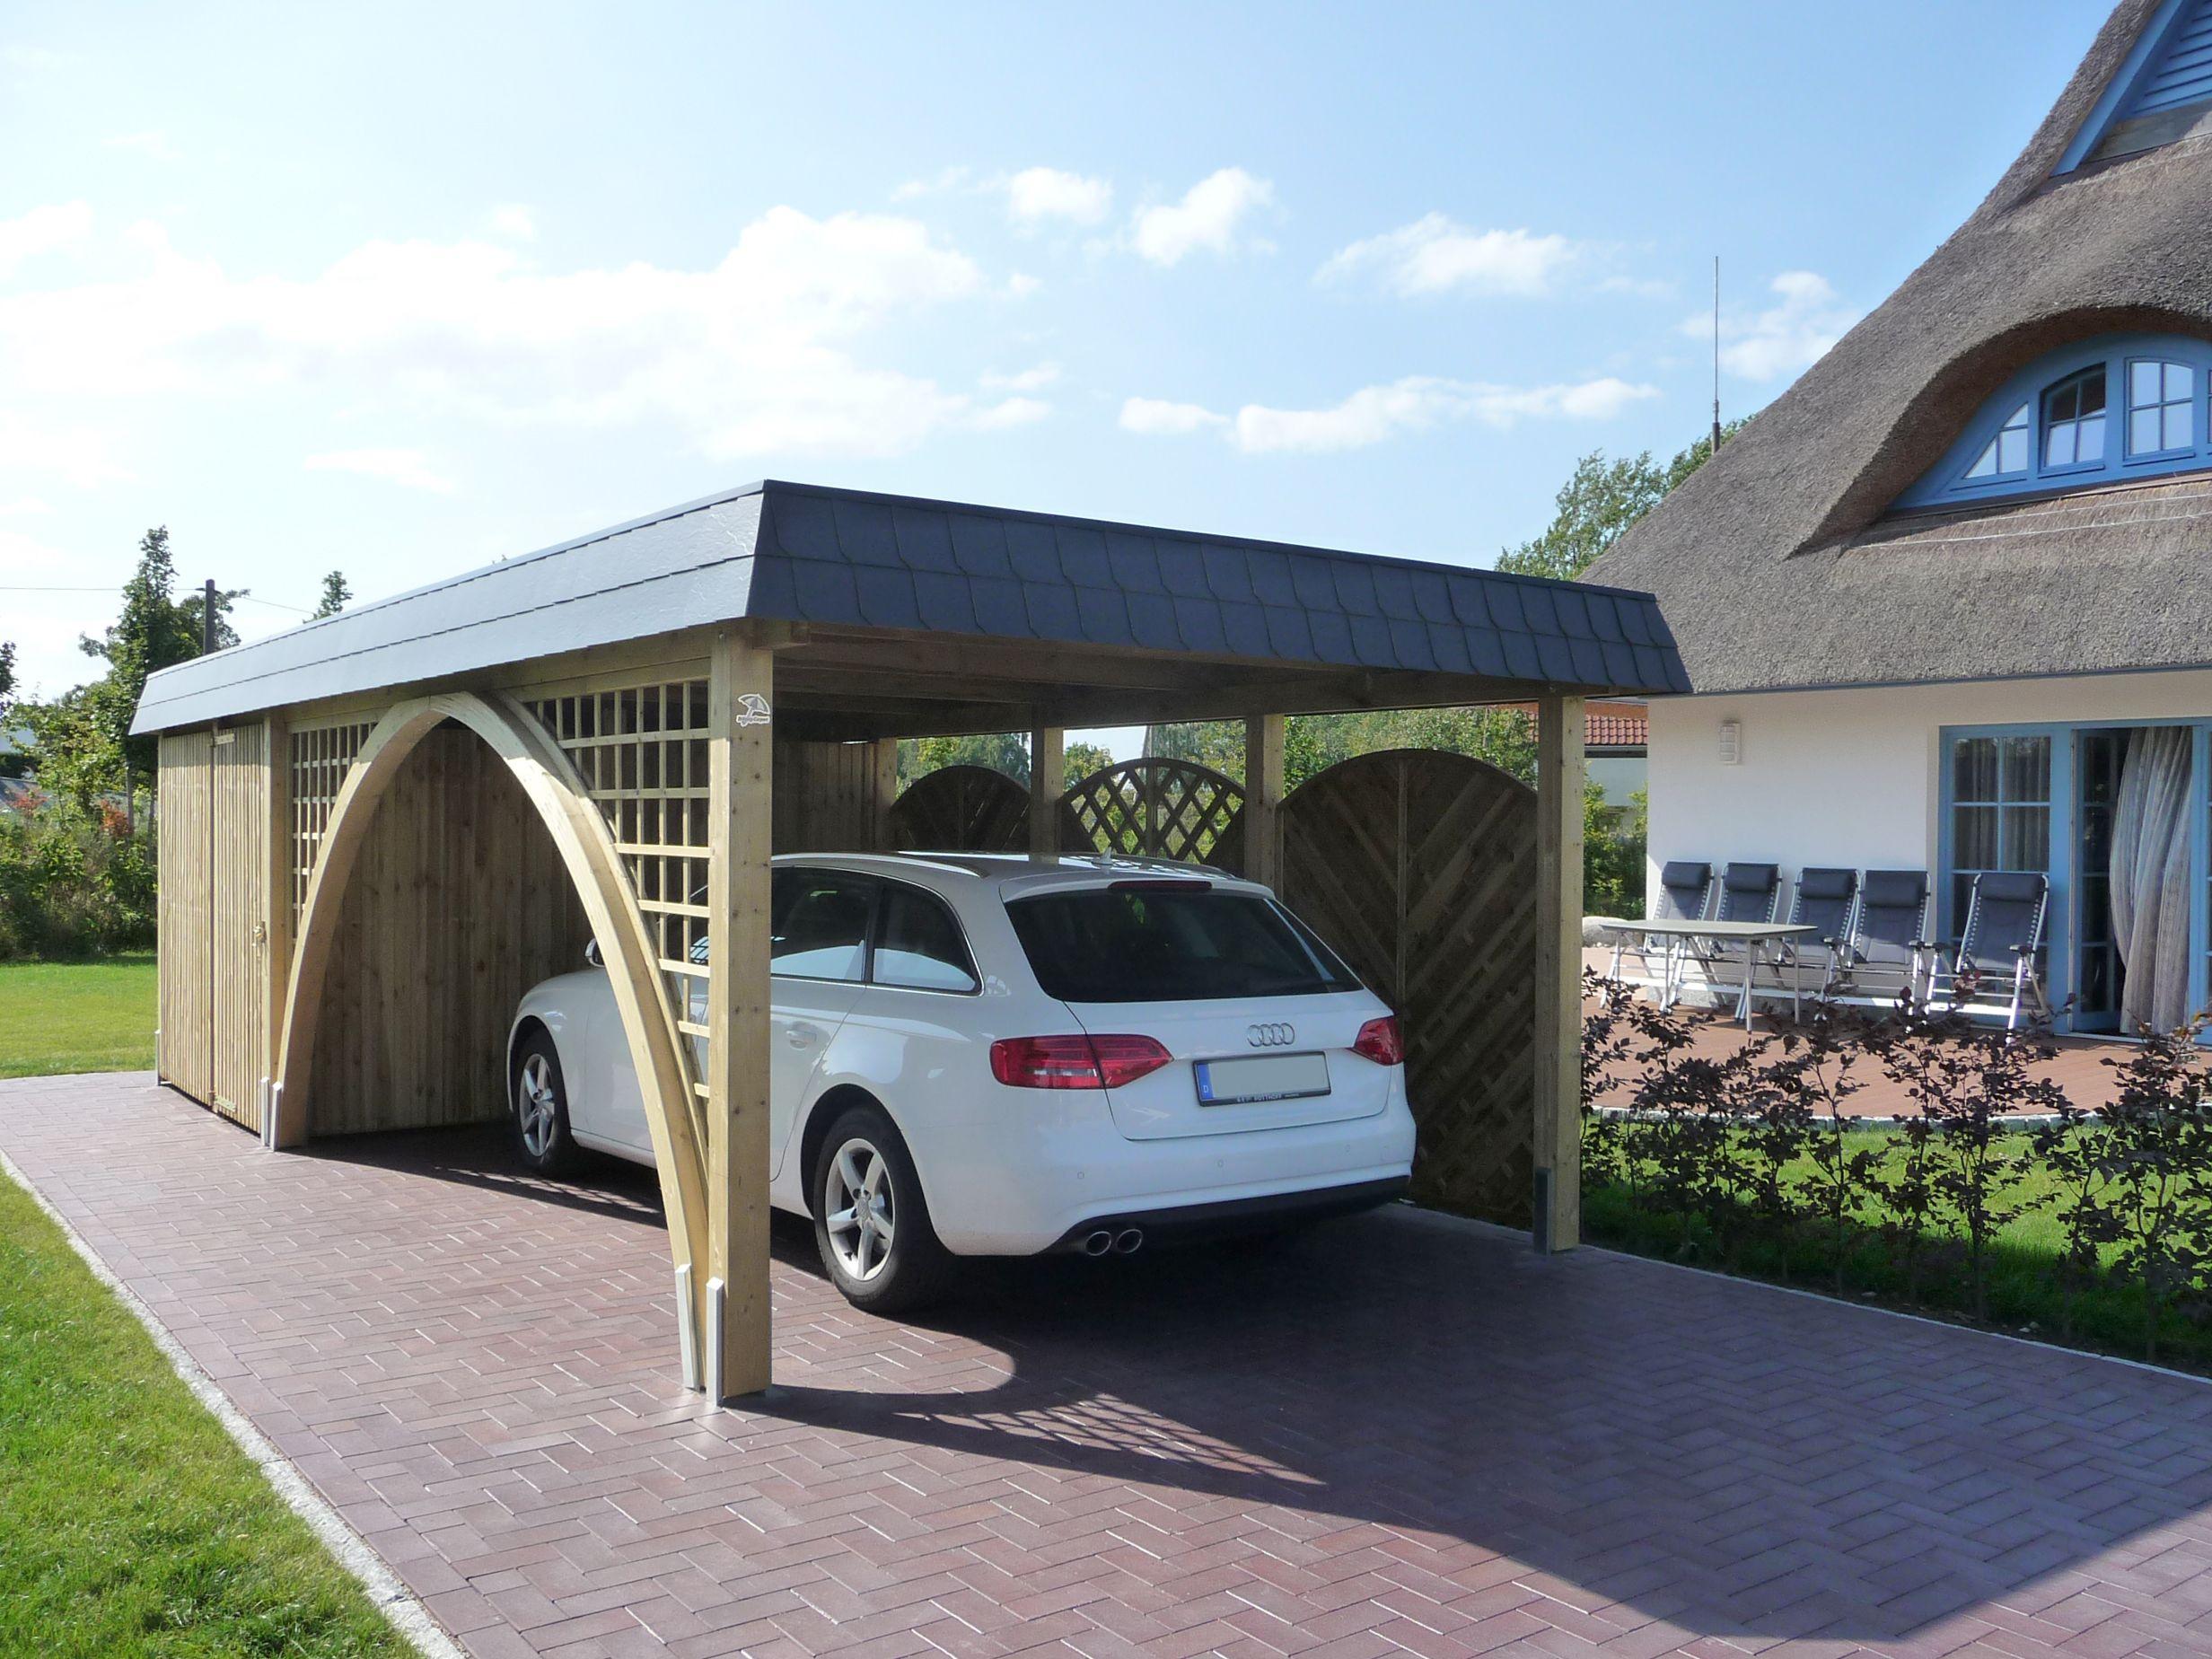 Carport Aus Holz Fur Ein Auto Einseitig Mit 180 Bogengang Dach Umlaufend Mit Anthraziten Schindeln Verkleidet Carport Carports Carport Holz